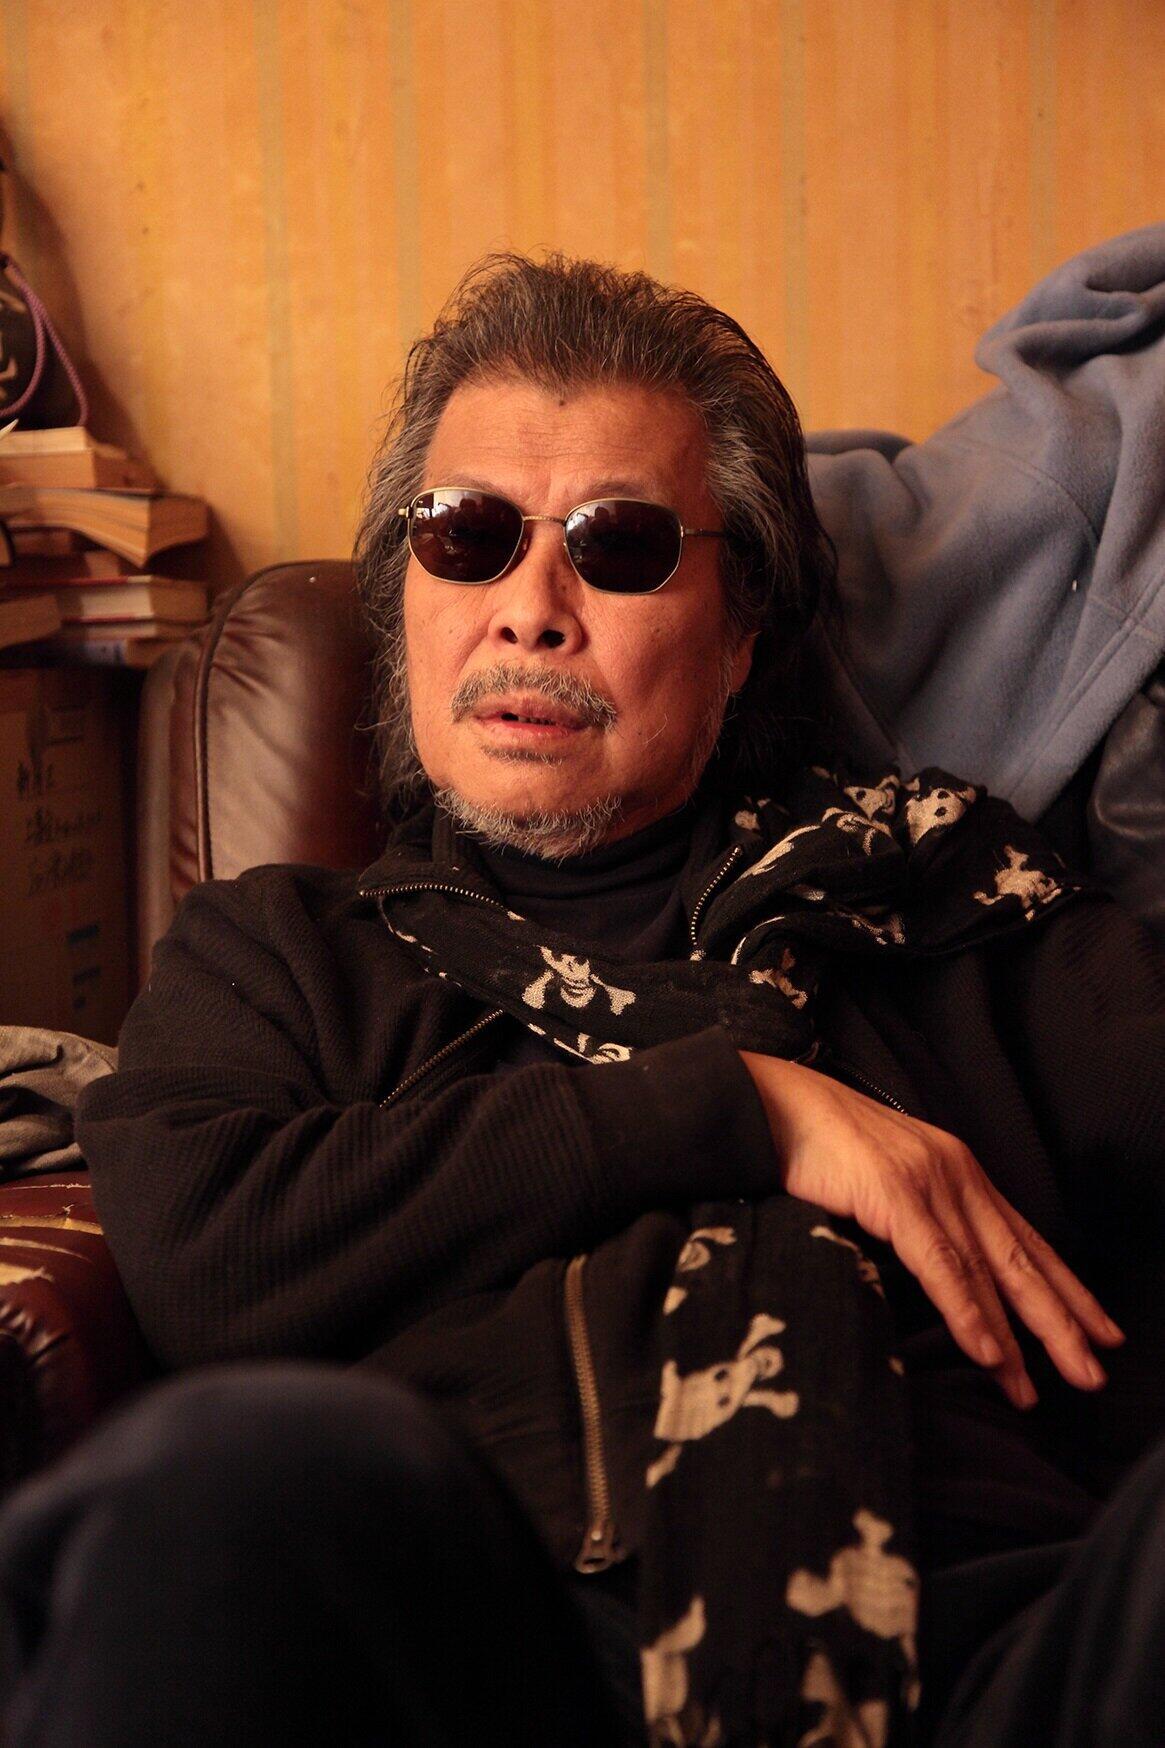 「浮浪雲」「銭ゲバ」のジョージ秋山氏死去、77歳 作品に「泣かされた」ファンから追悼の声